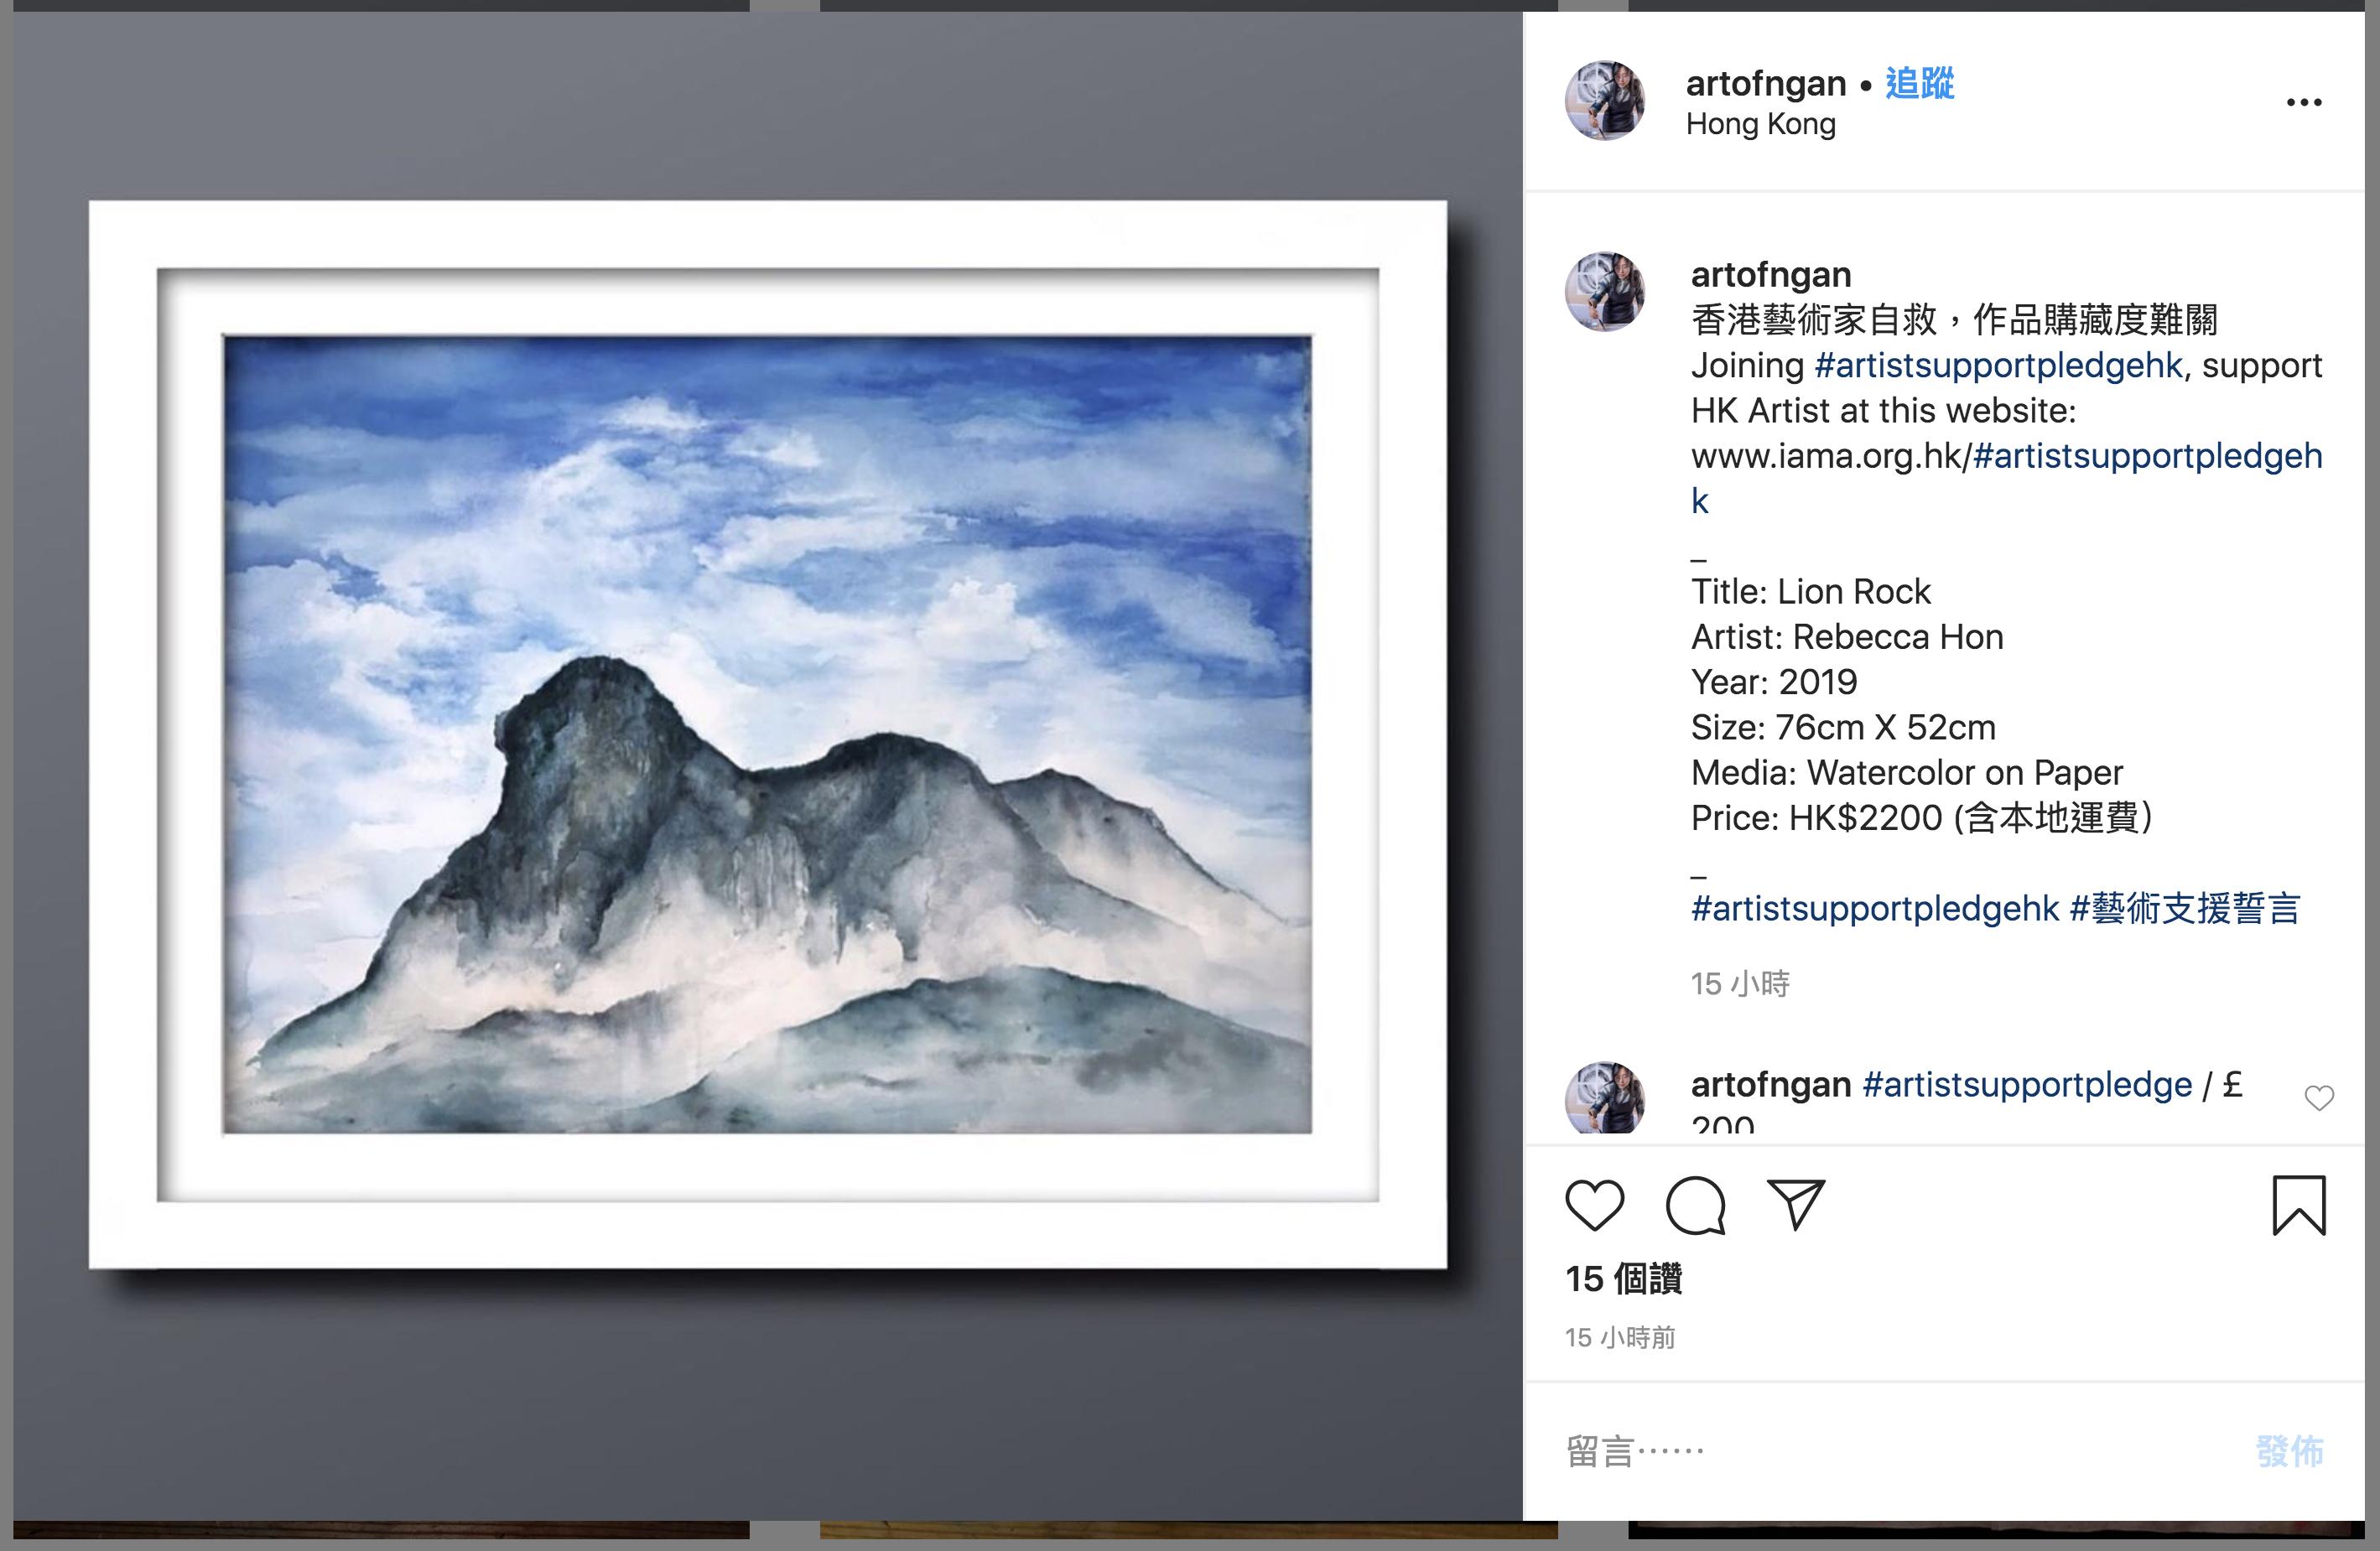 每個香港人心裏都有座獅子山,Rebecca Hon就繪出靈氣的樣貌。屬於你的獅子山又是長怎樣?